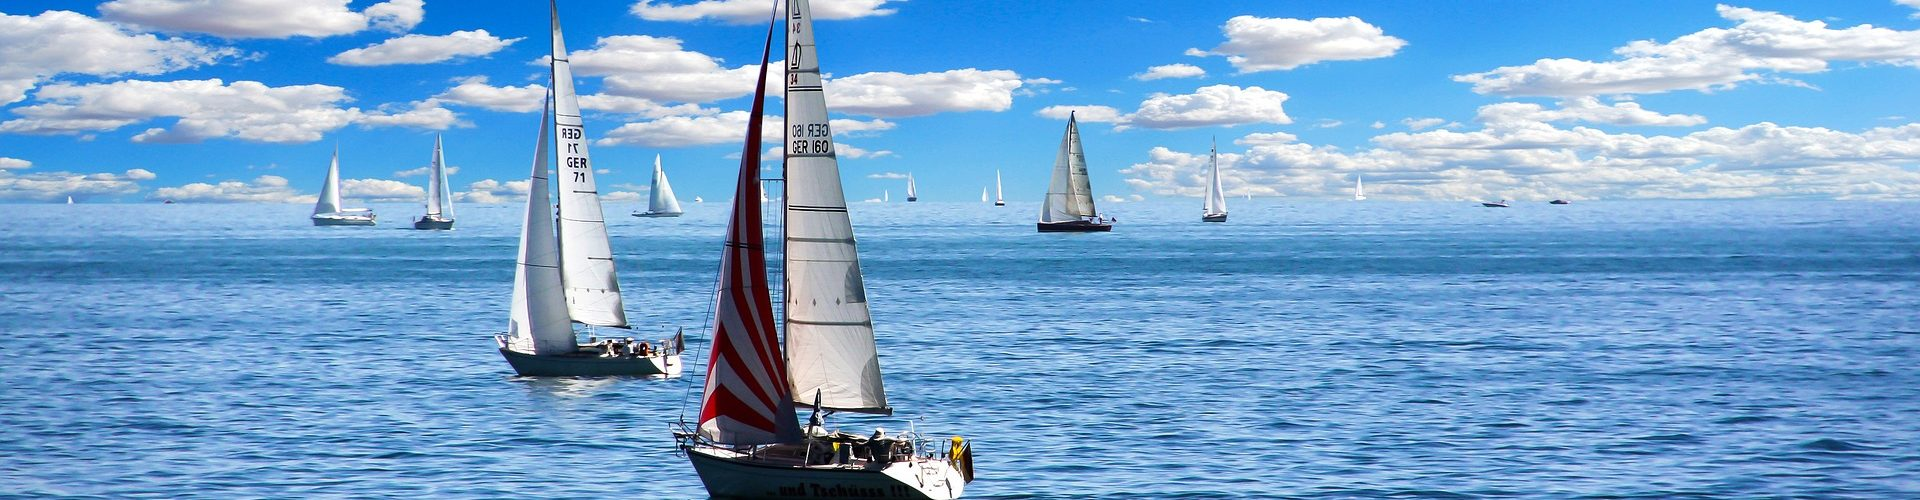 segeln lernen in Pulheim segelschein machen in Pulheim 1920x500 - Segeln lernen in Pulheim